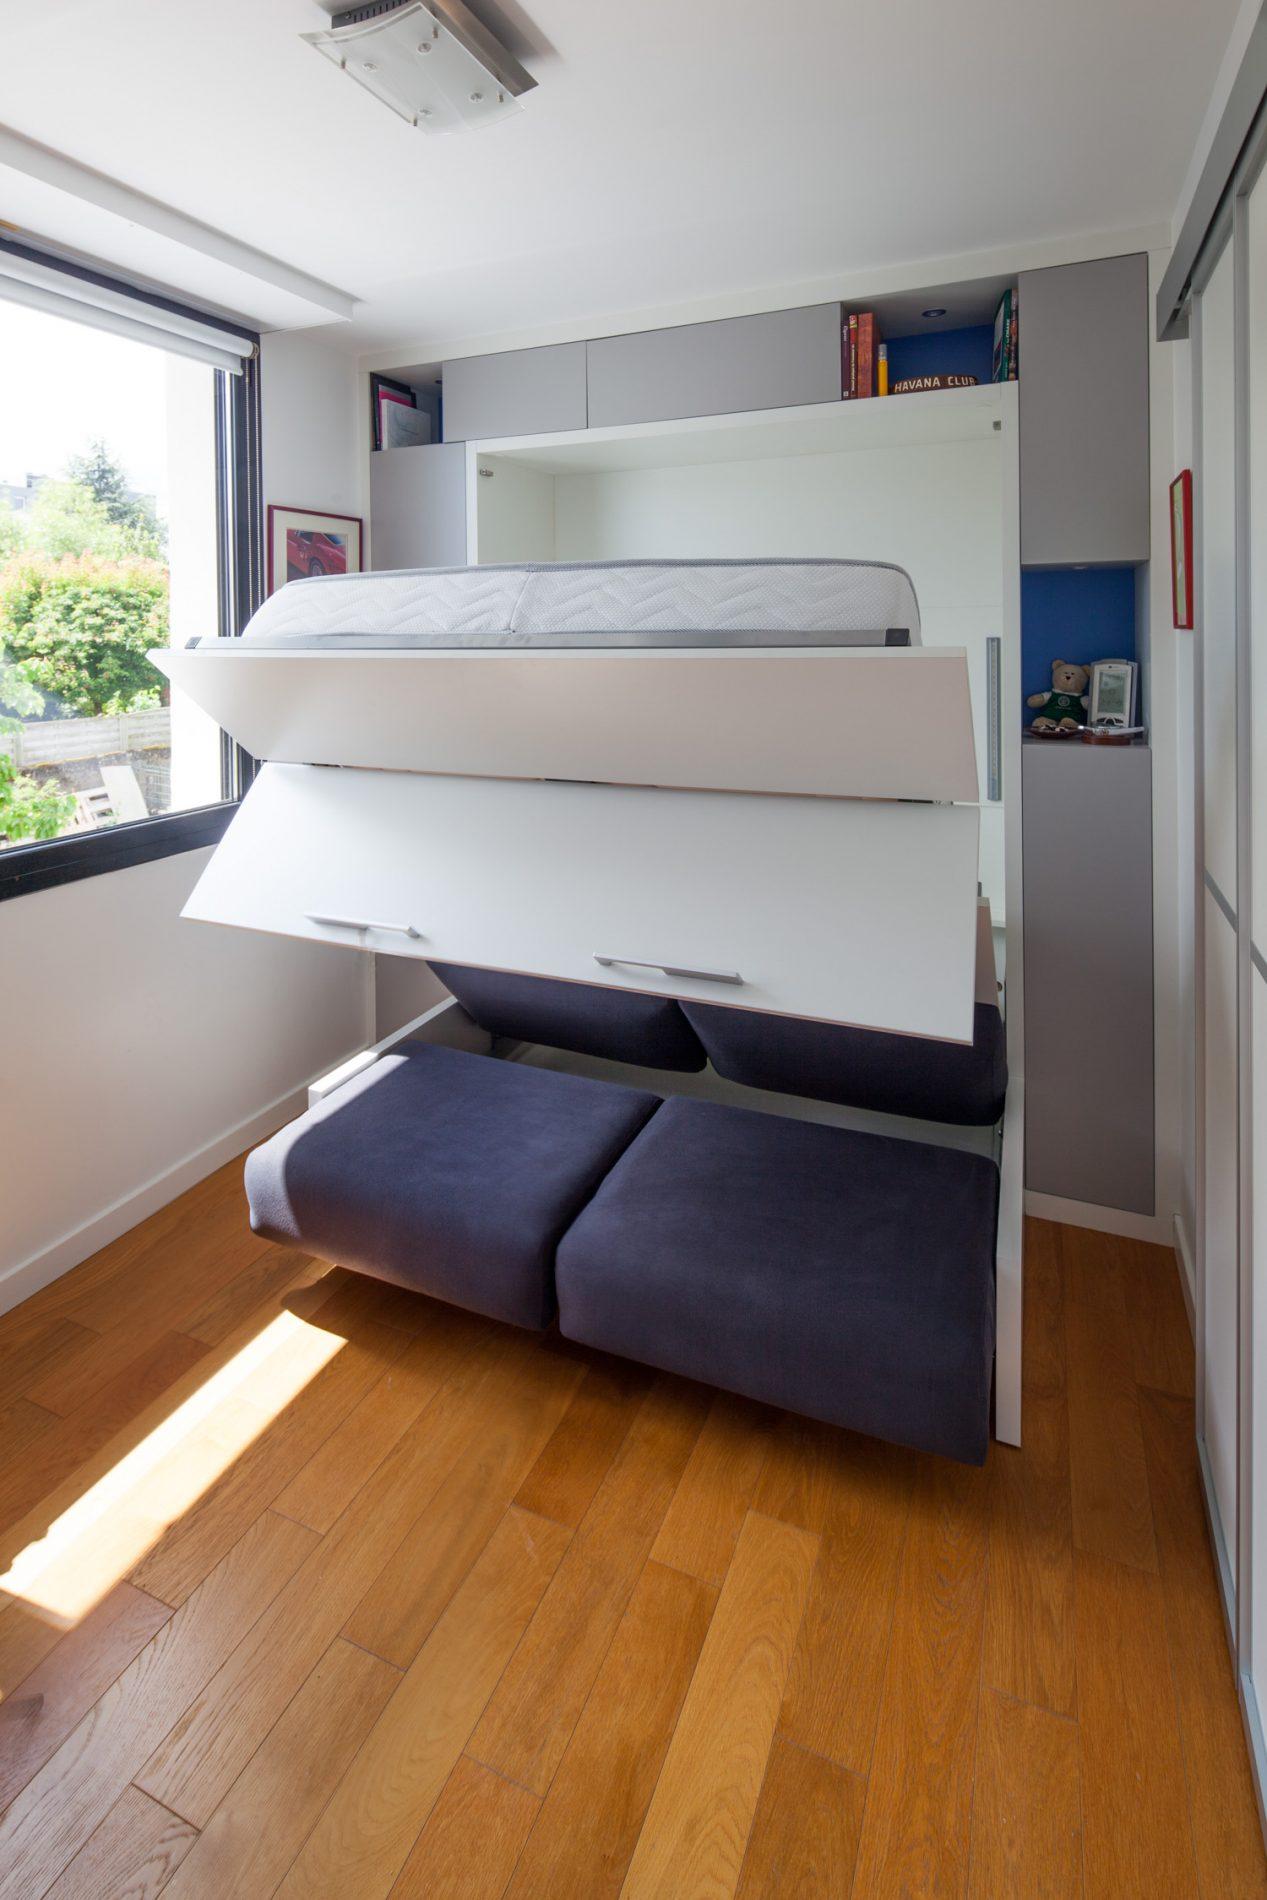 Lit armoire et rangements incluant un canapé gris anthracite - vue semi-ouverte